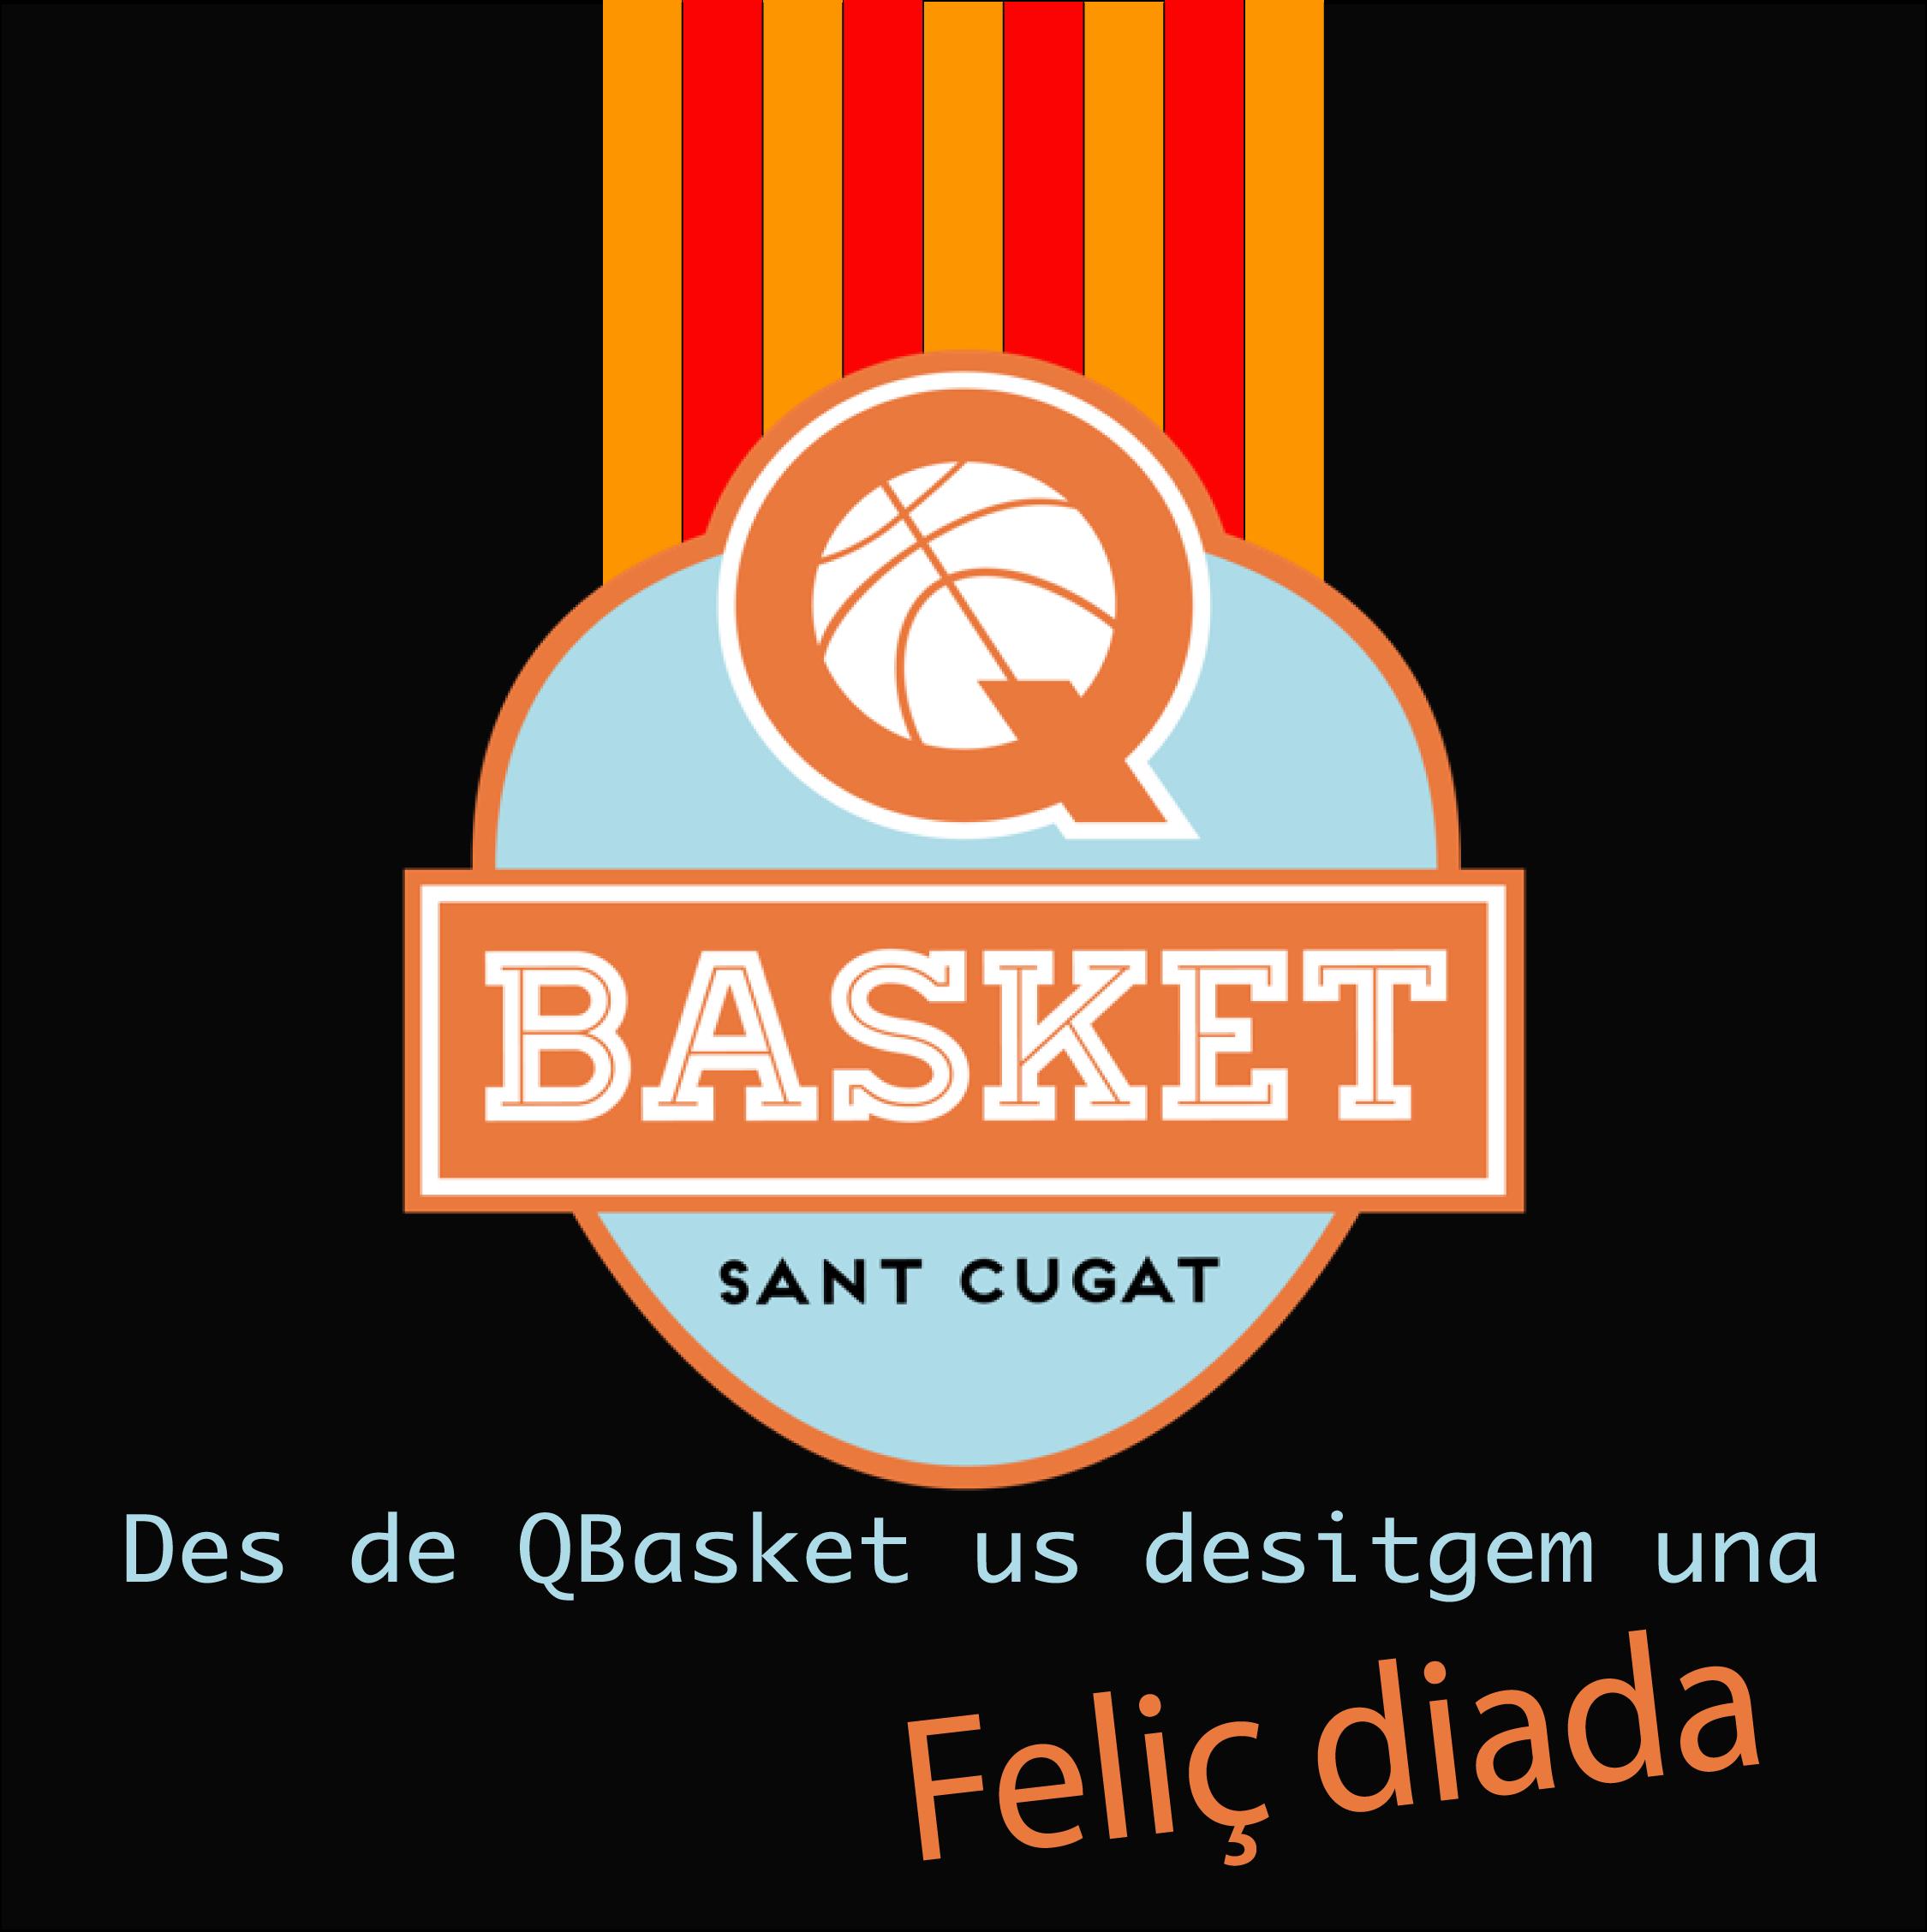 Qbasket_diada